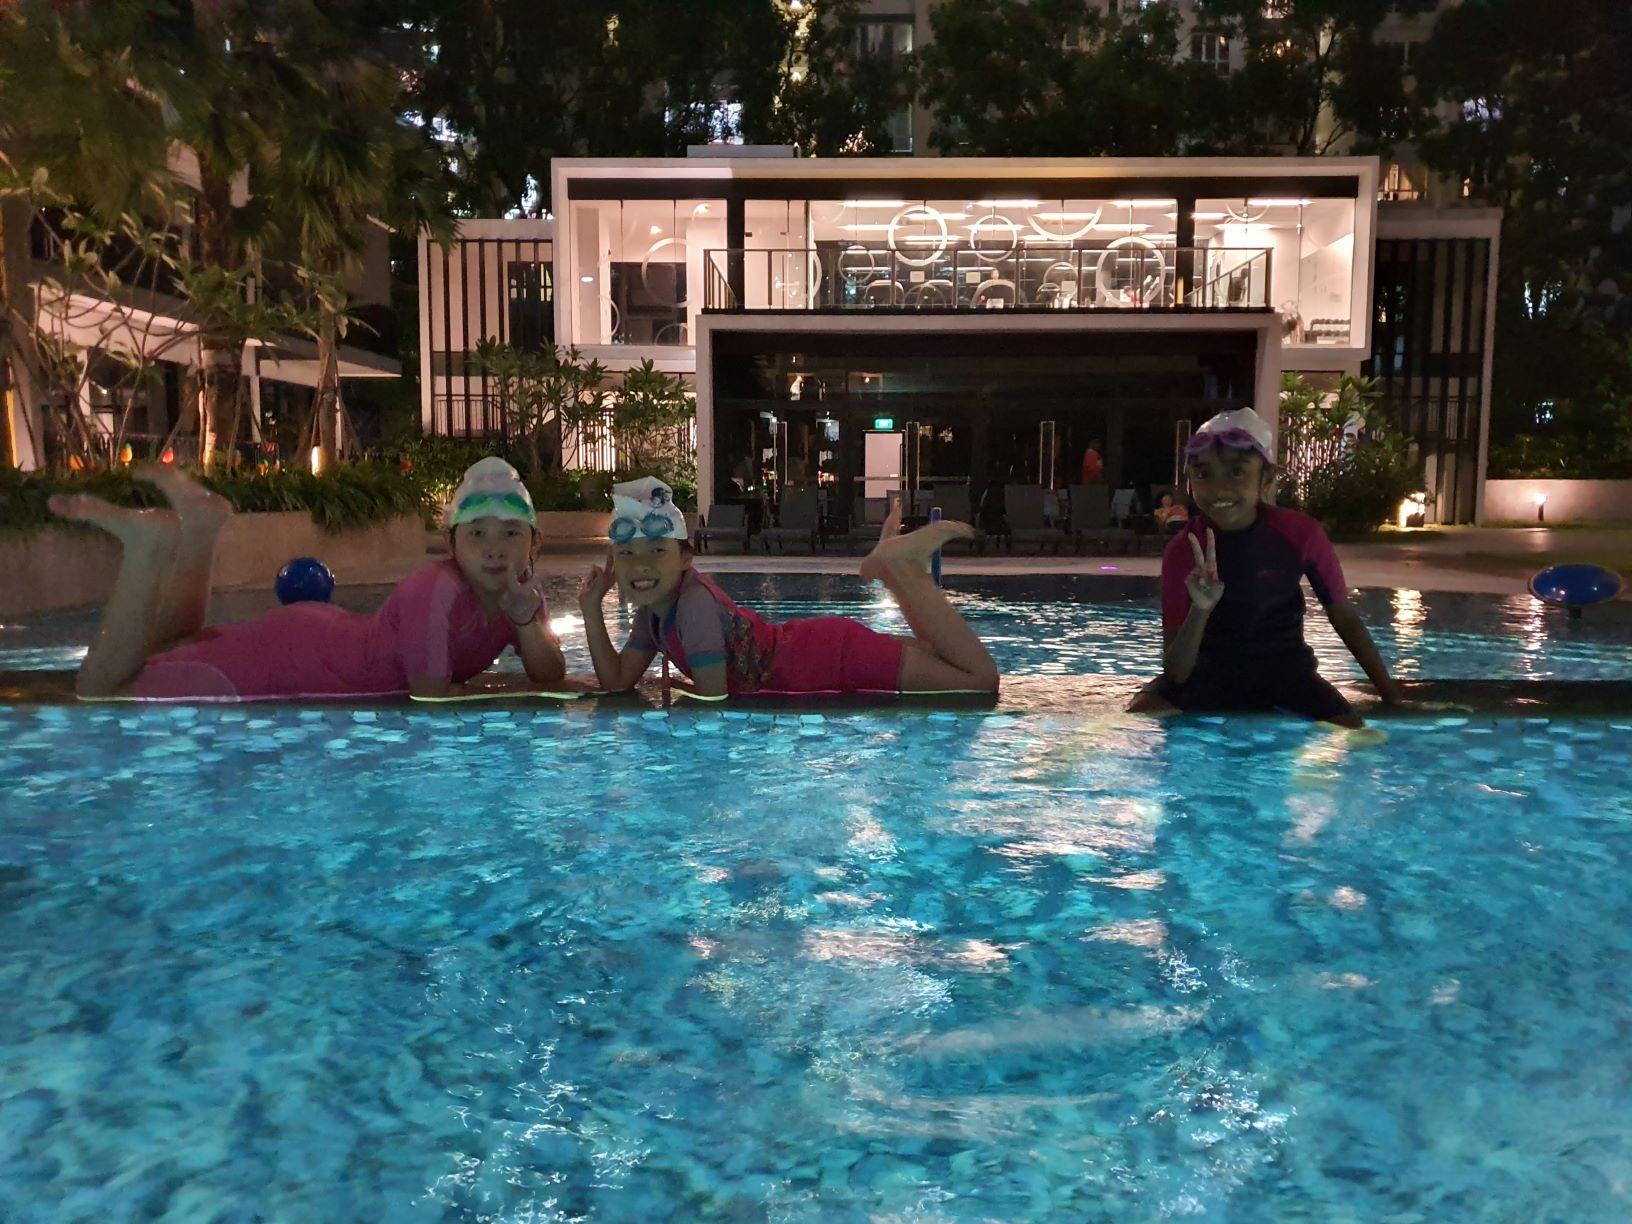 Condo Swimming Lessons. Contact for condo swimming lessons in Singapore. Contact for condominium swimming lessons in Singapore. Kids and Adults swimming classes at condo.